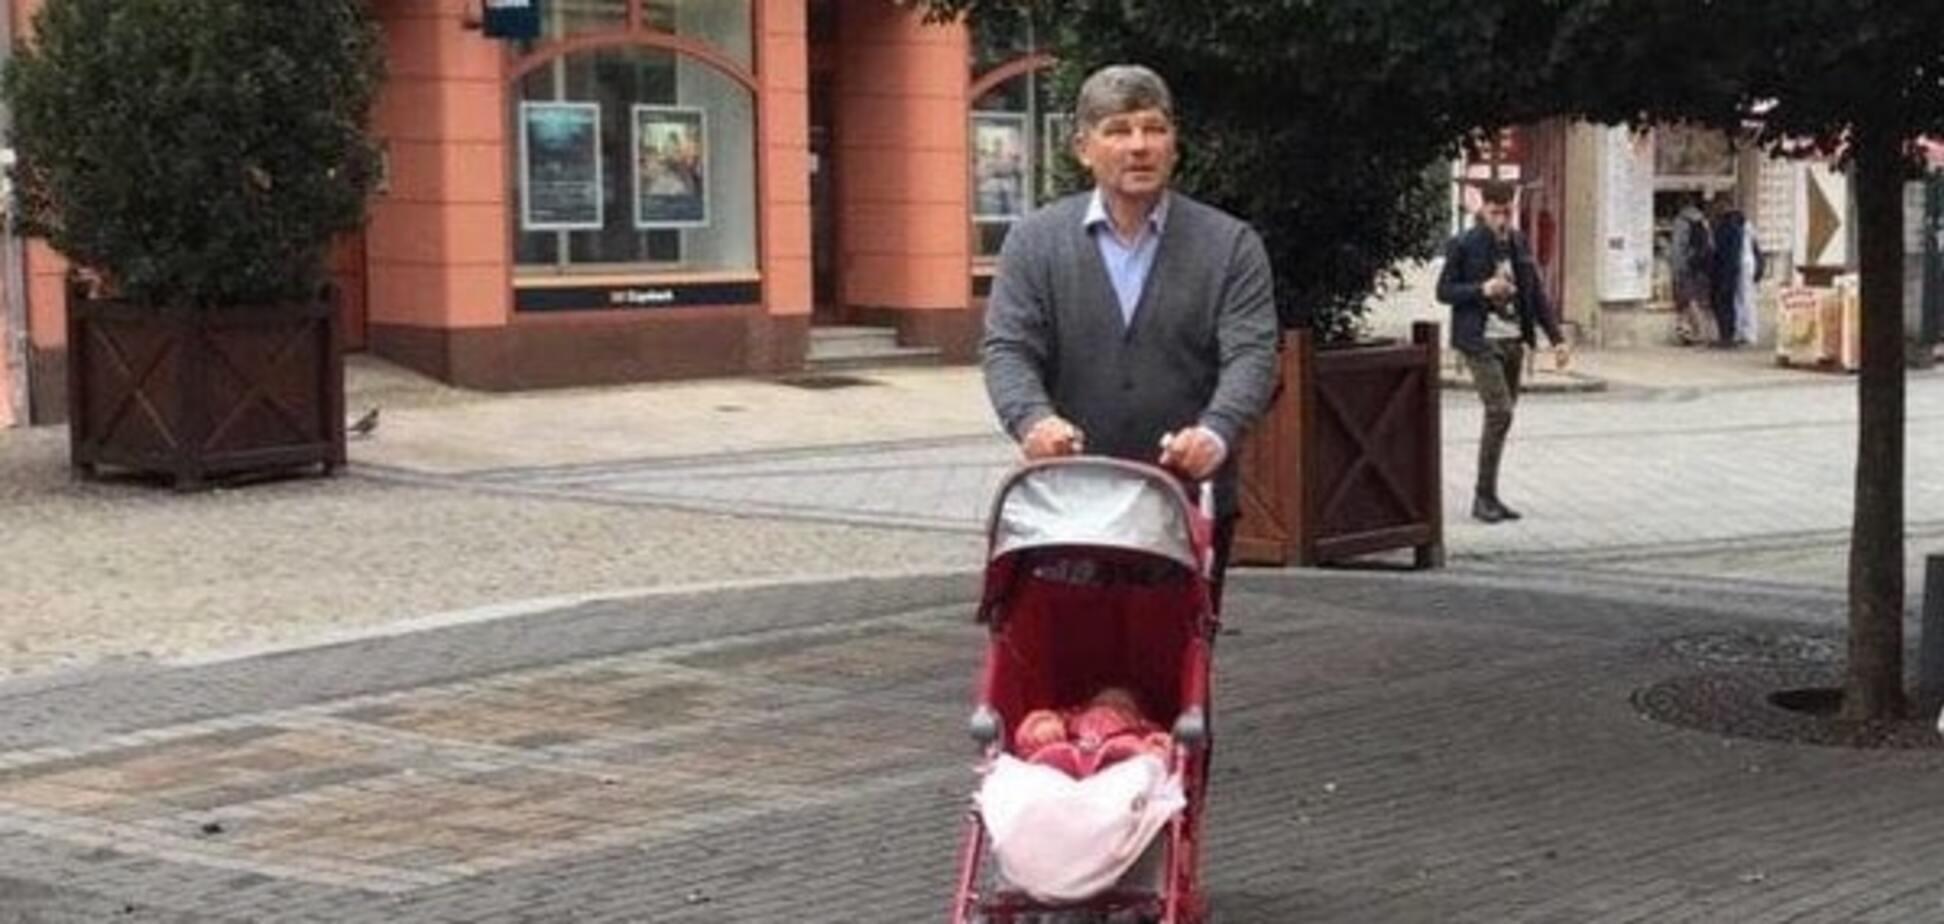 Знайшовся татусь: екс-мера Луганська виявили у Карлових Варах